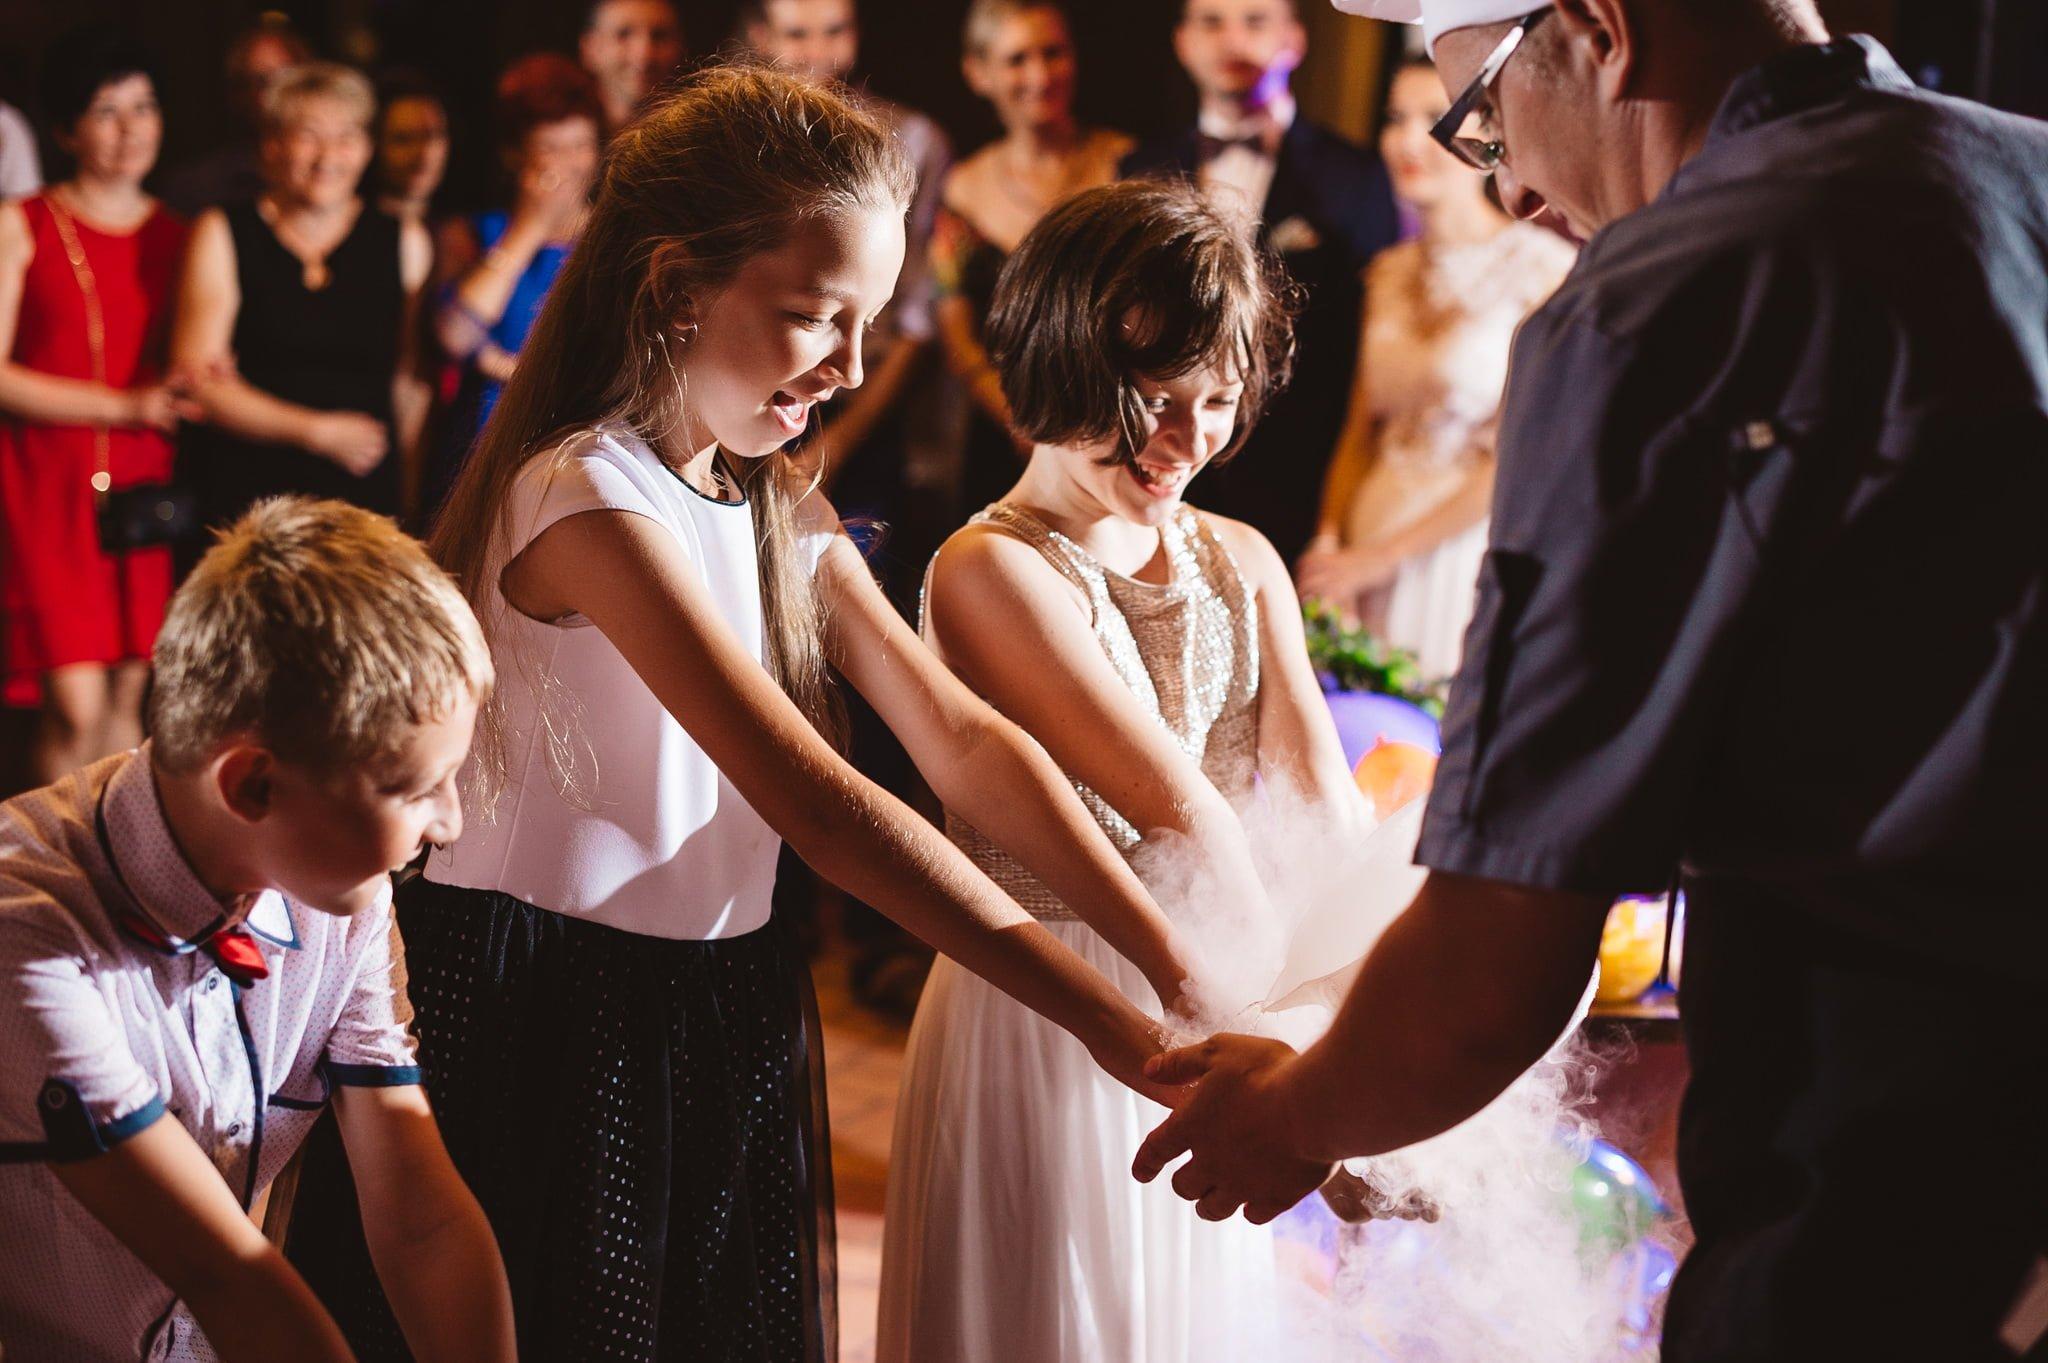 Ala i Arek, czyli jak zorganizować ślub i wesele w 4 tygodnie! 246